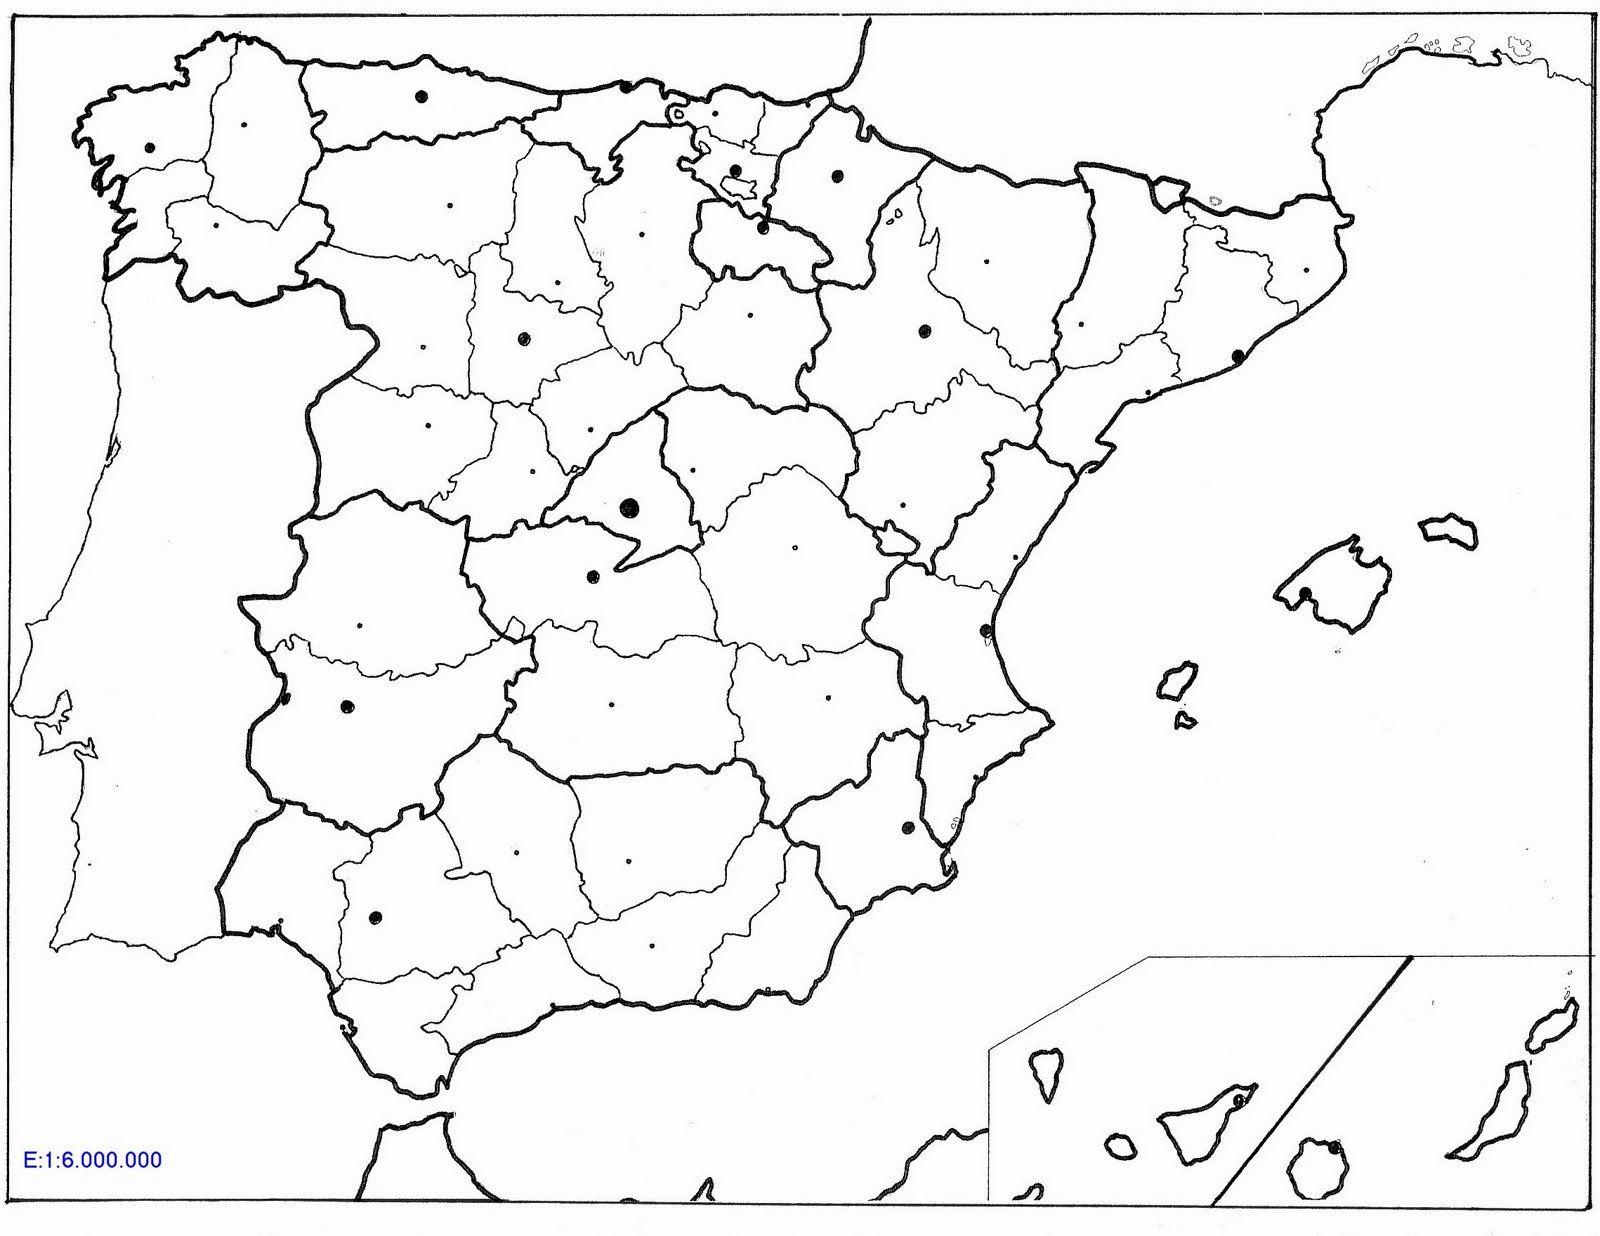 Mapa Mudo Provincias España.Recursos Infantiles Mapas En La Ciudad Mapa De Espana